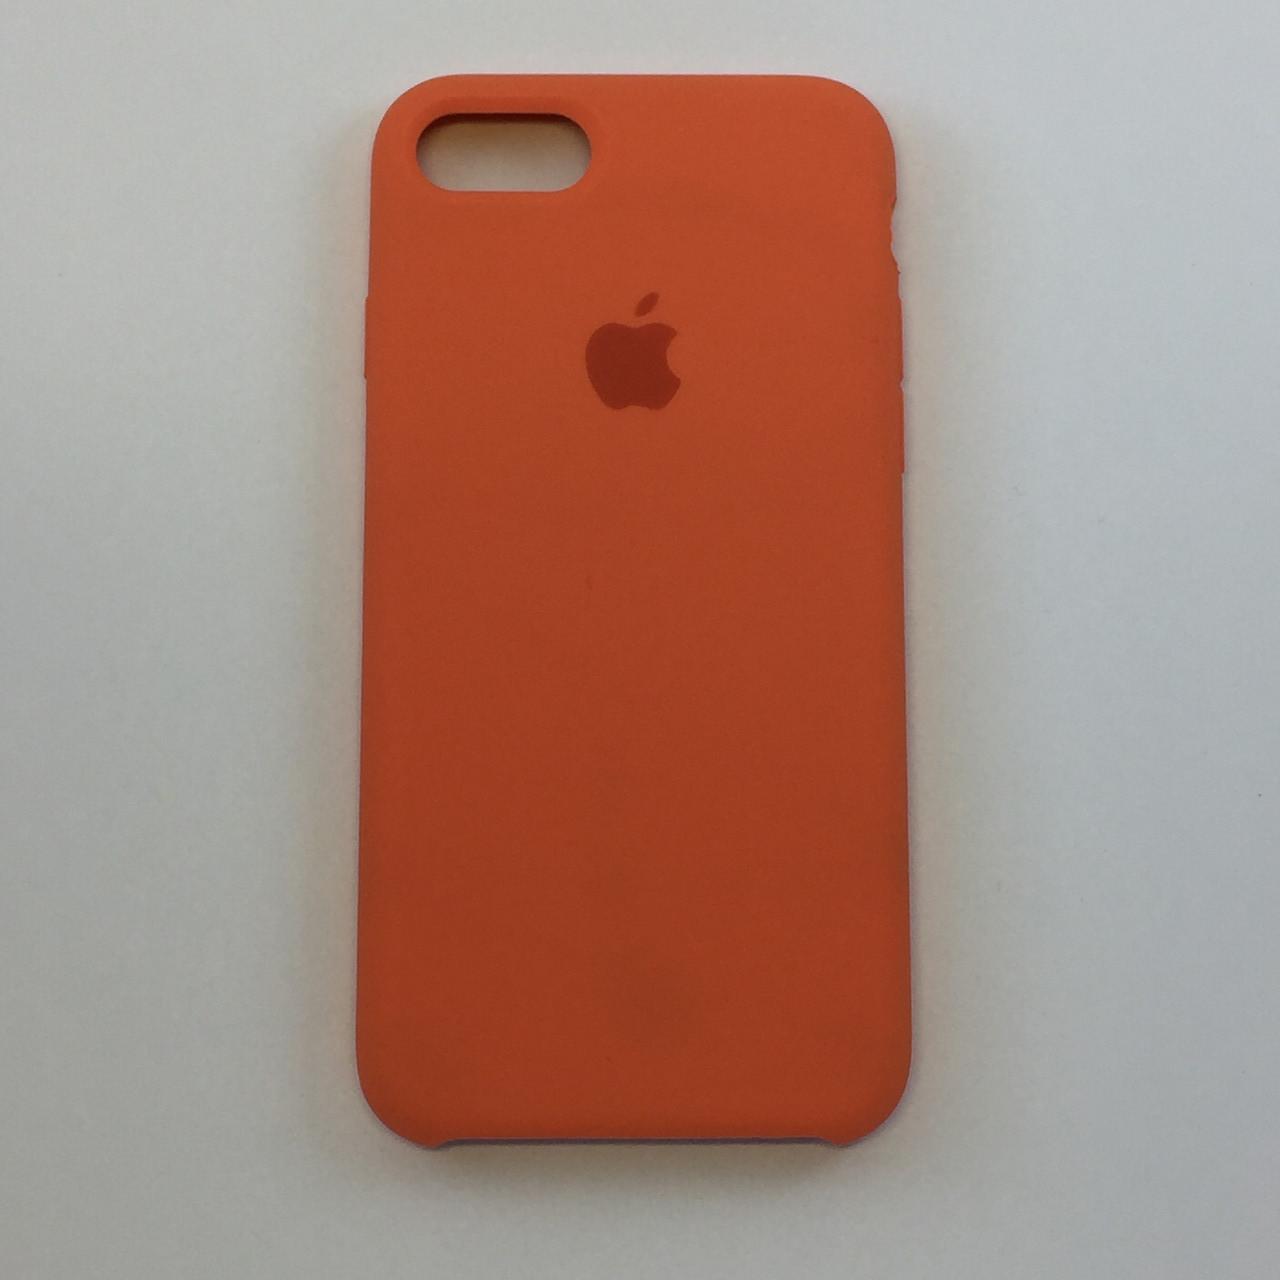 Силиконовый чехол для iPhone 8, цвет «сочный персик» - copy original